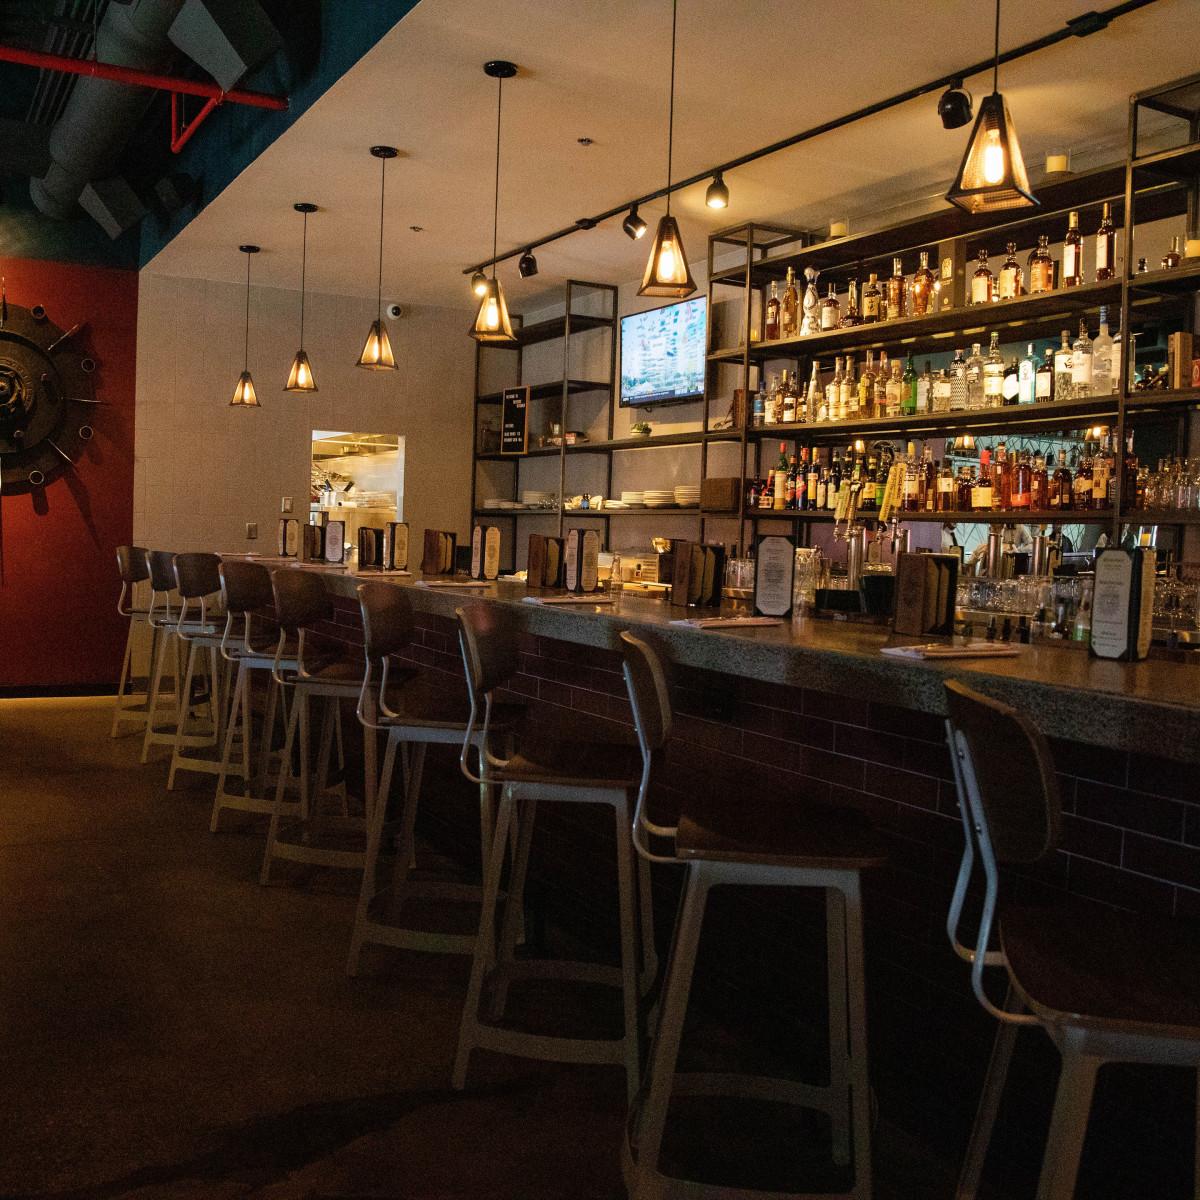 District Kitchen North bar